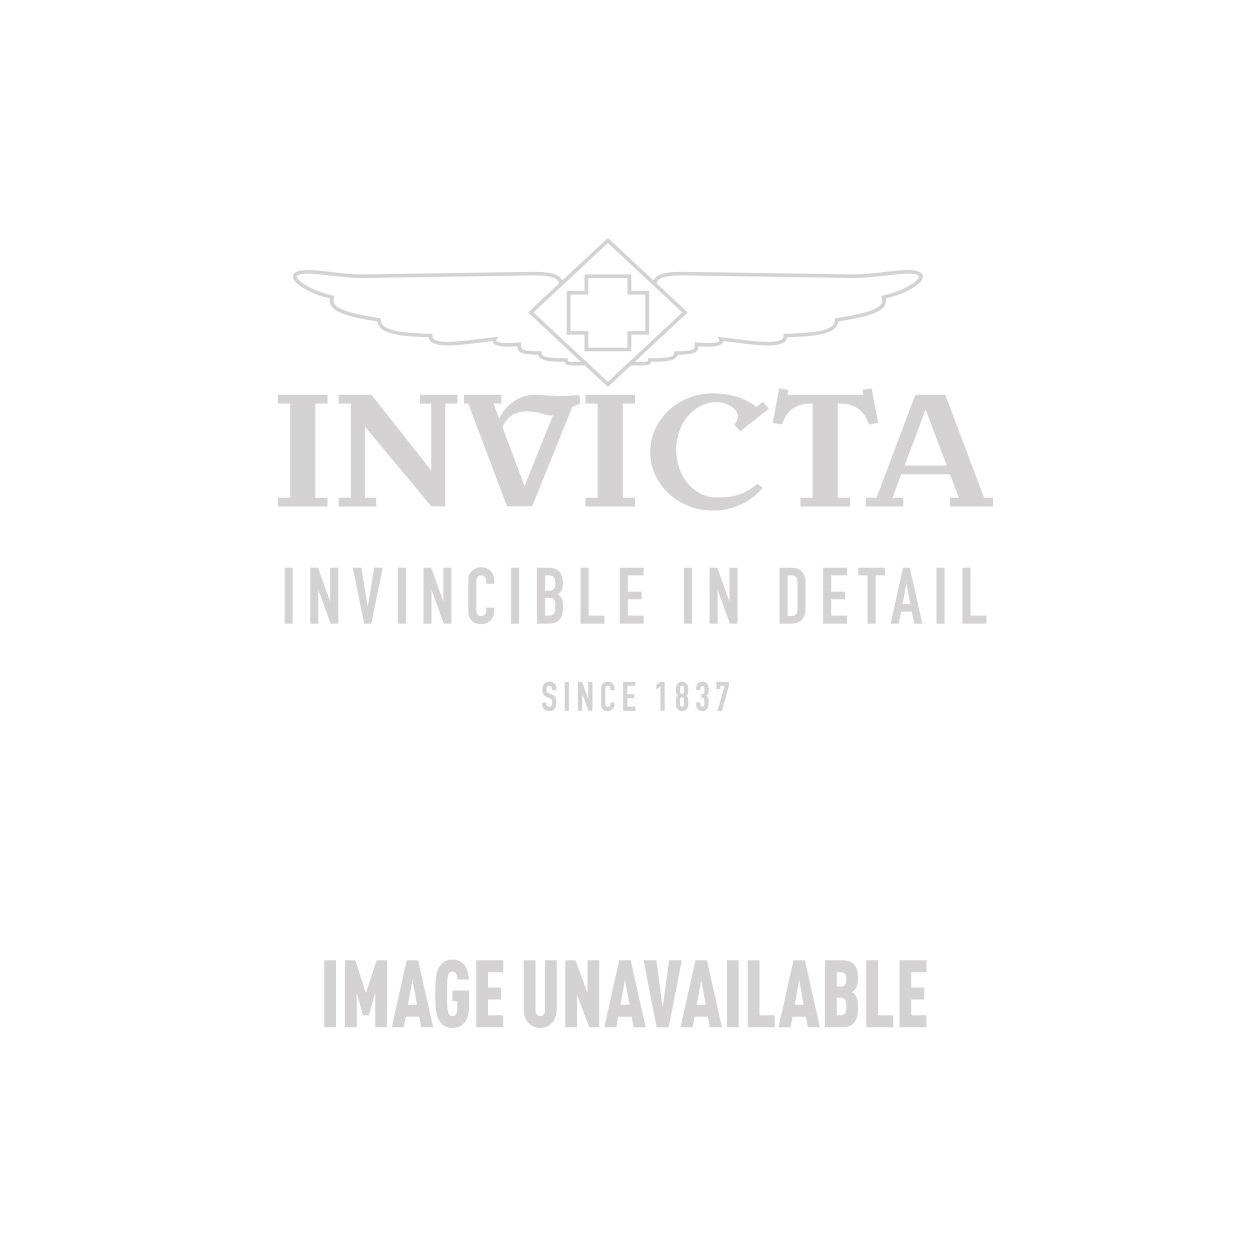 Invicta Model 28228